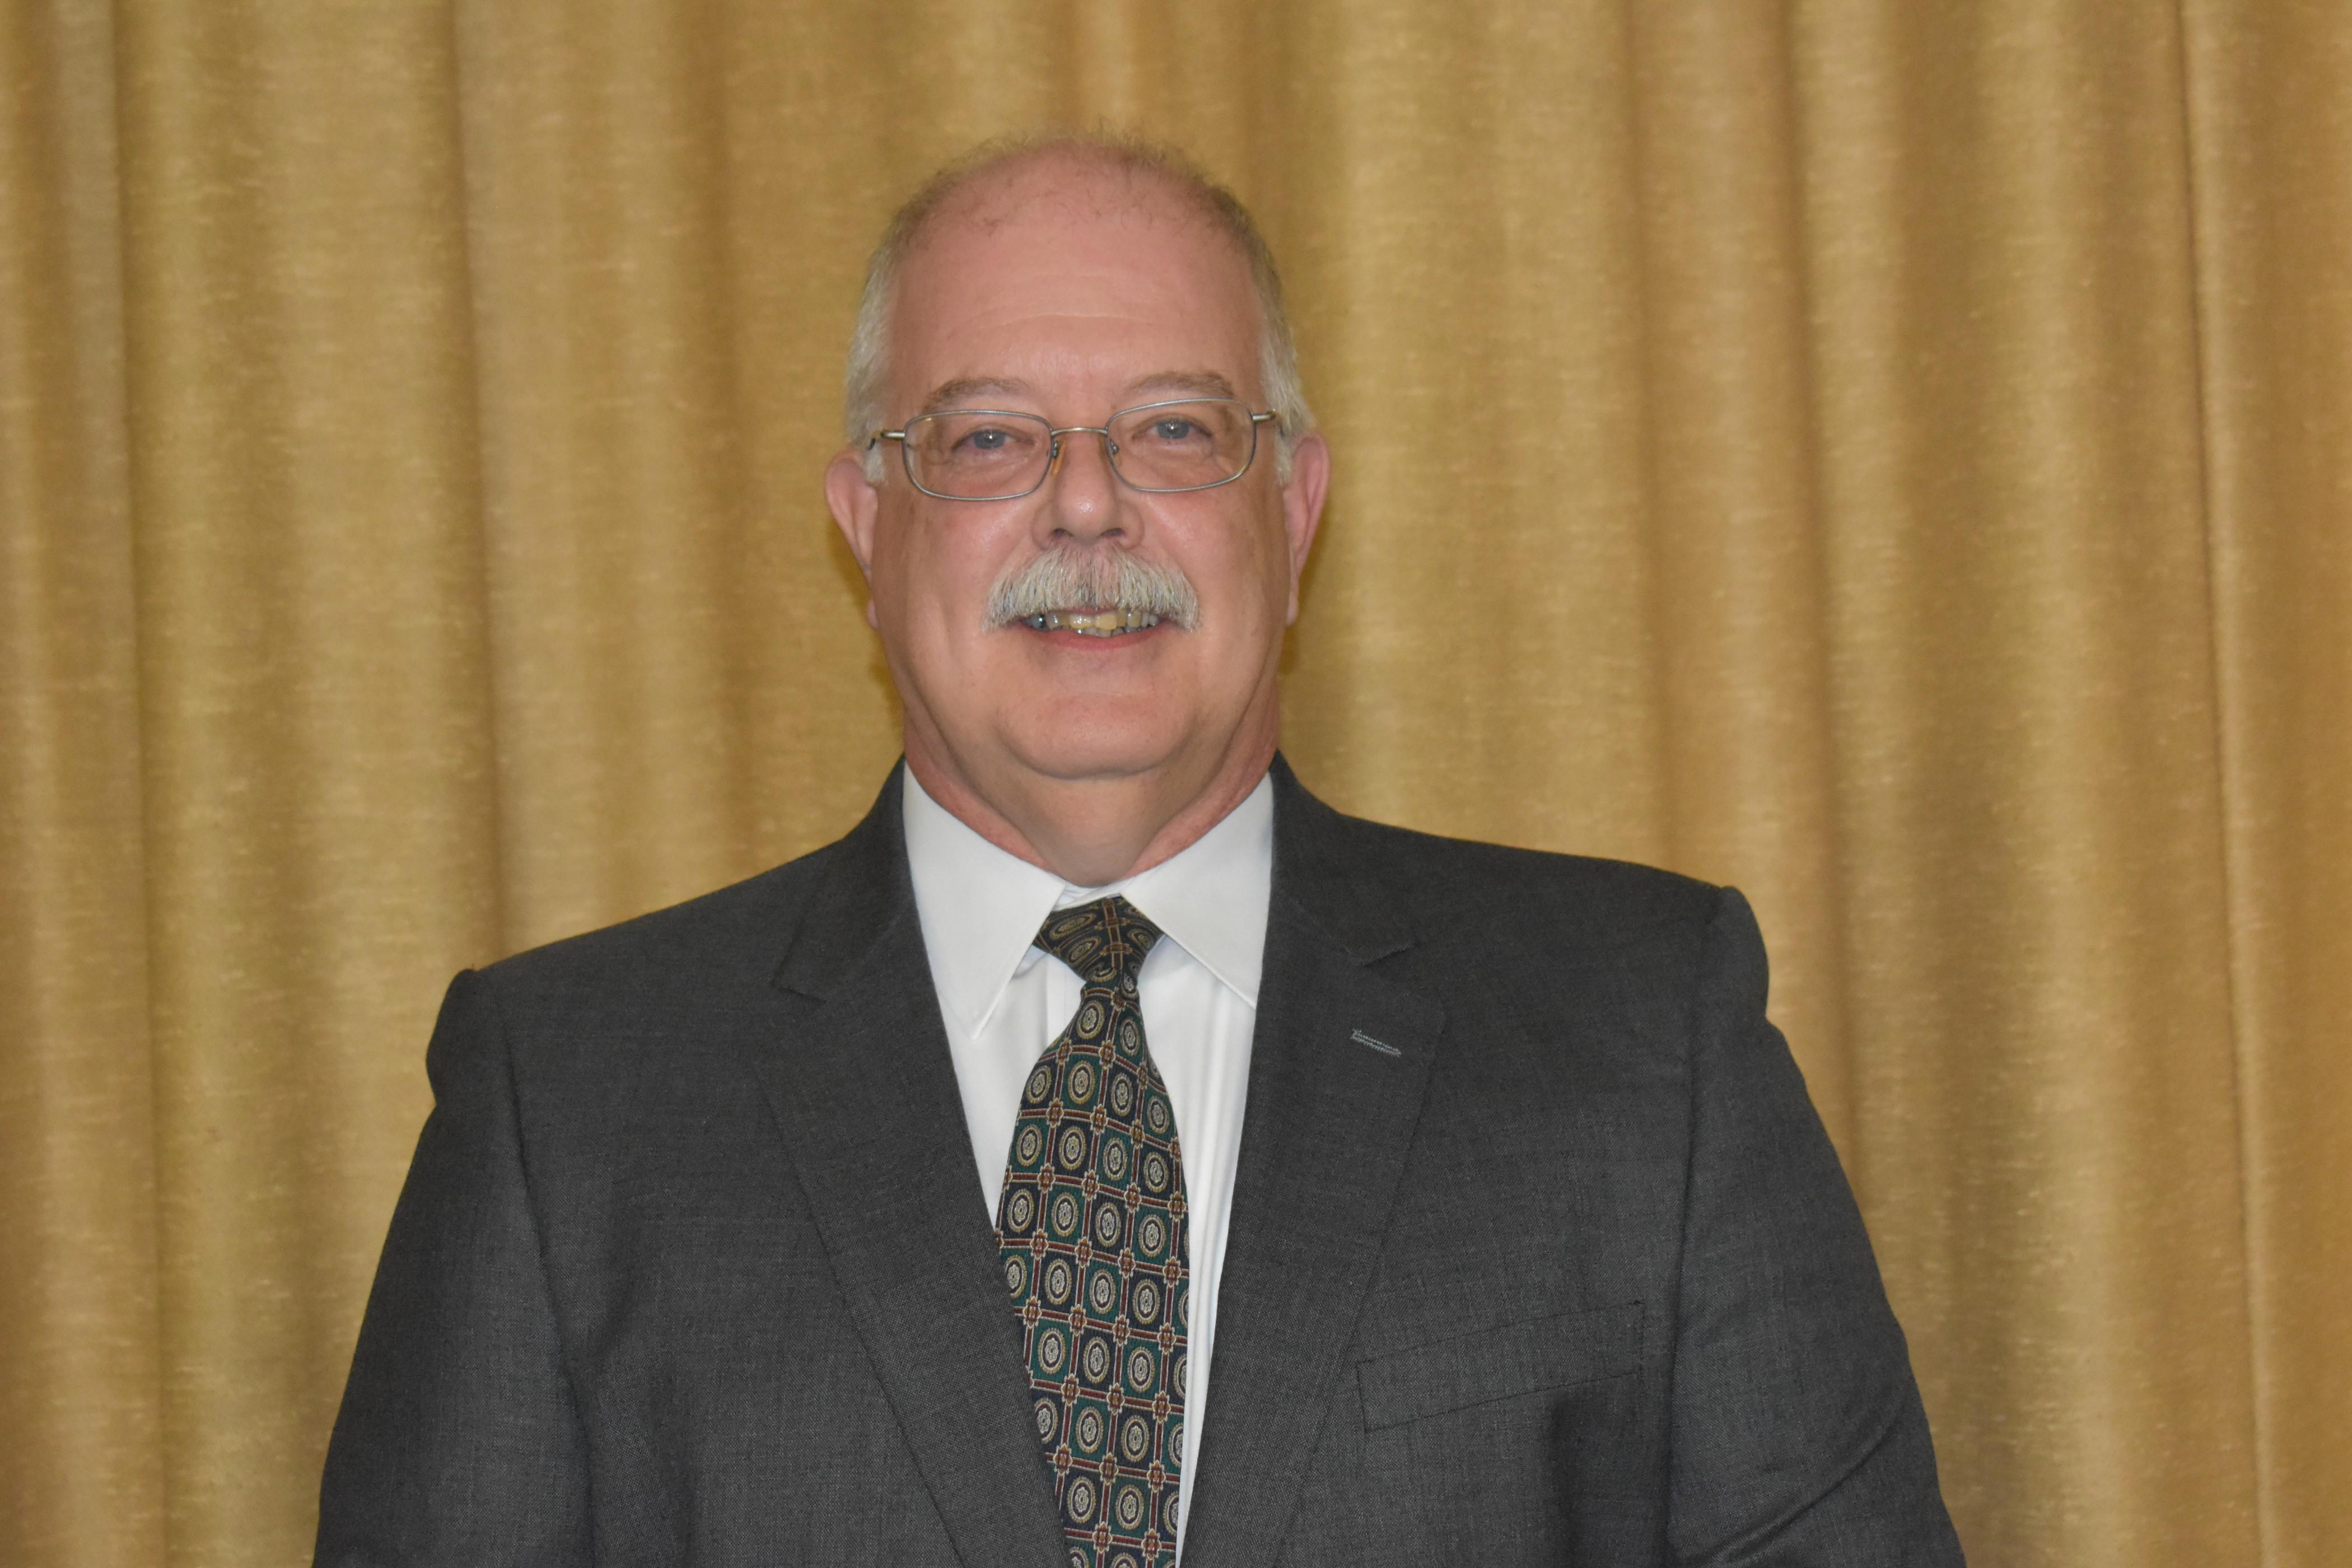 Bob Scheid, Trustee